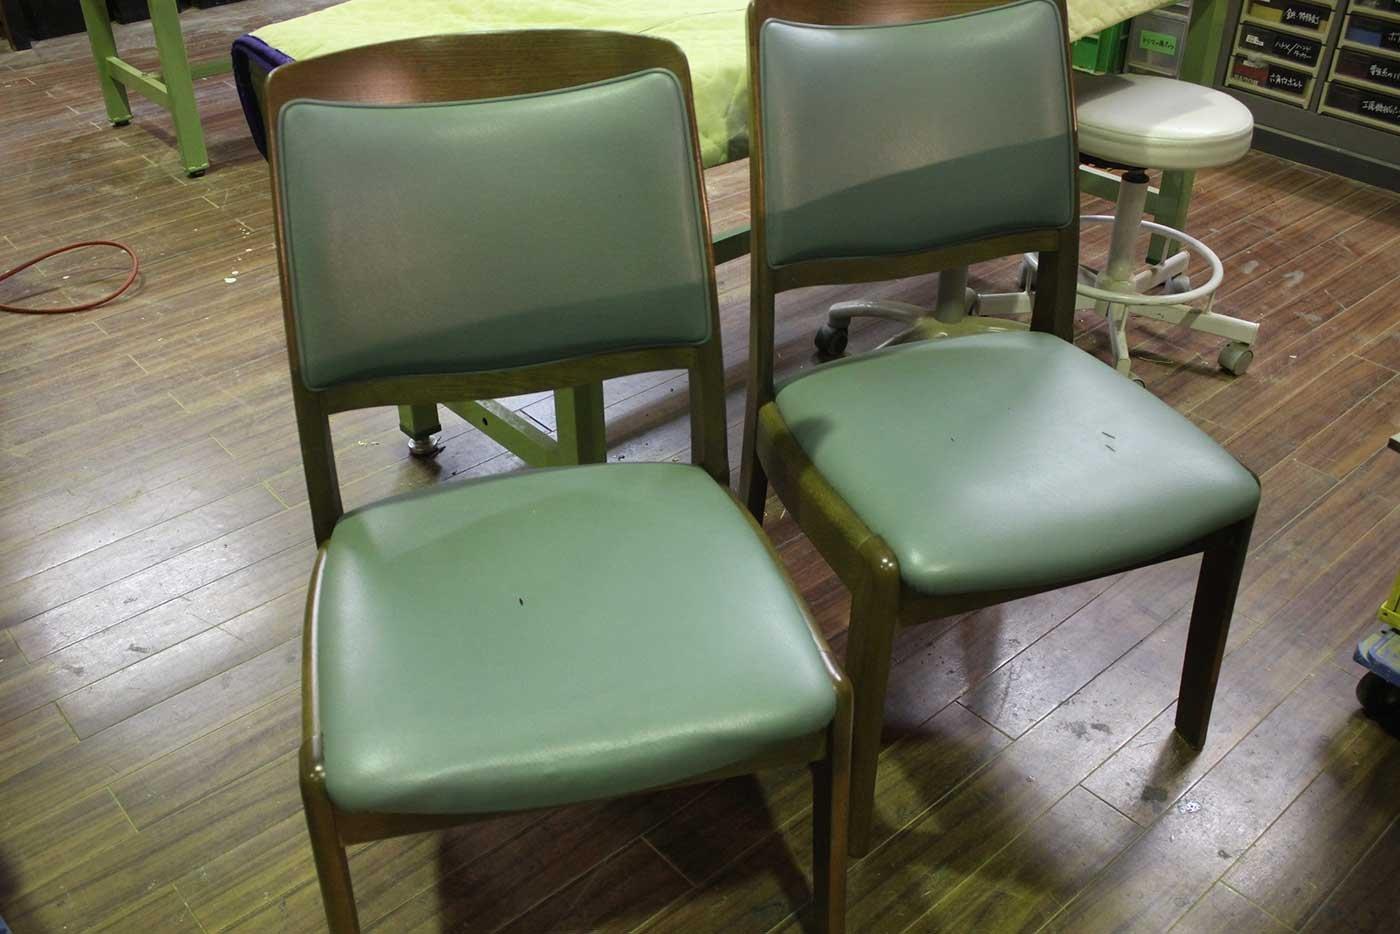 I様 椅子 張り替え 修理